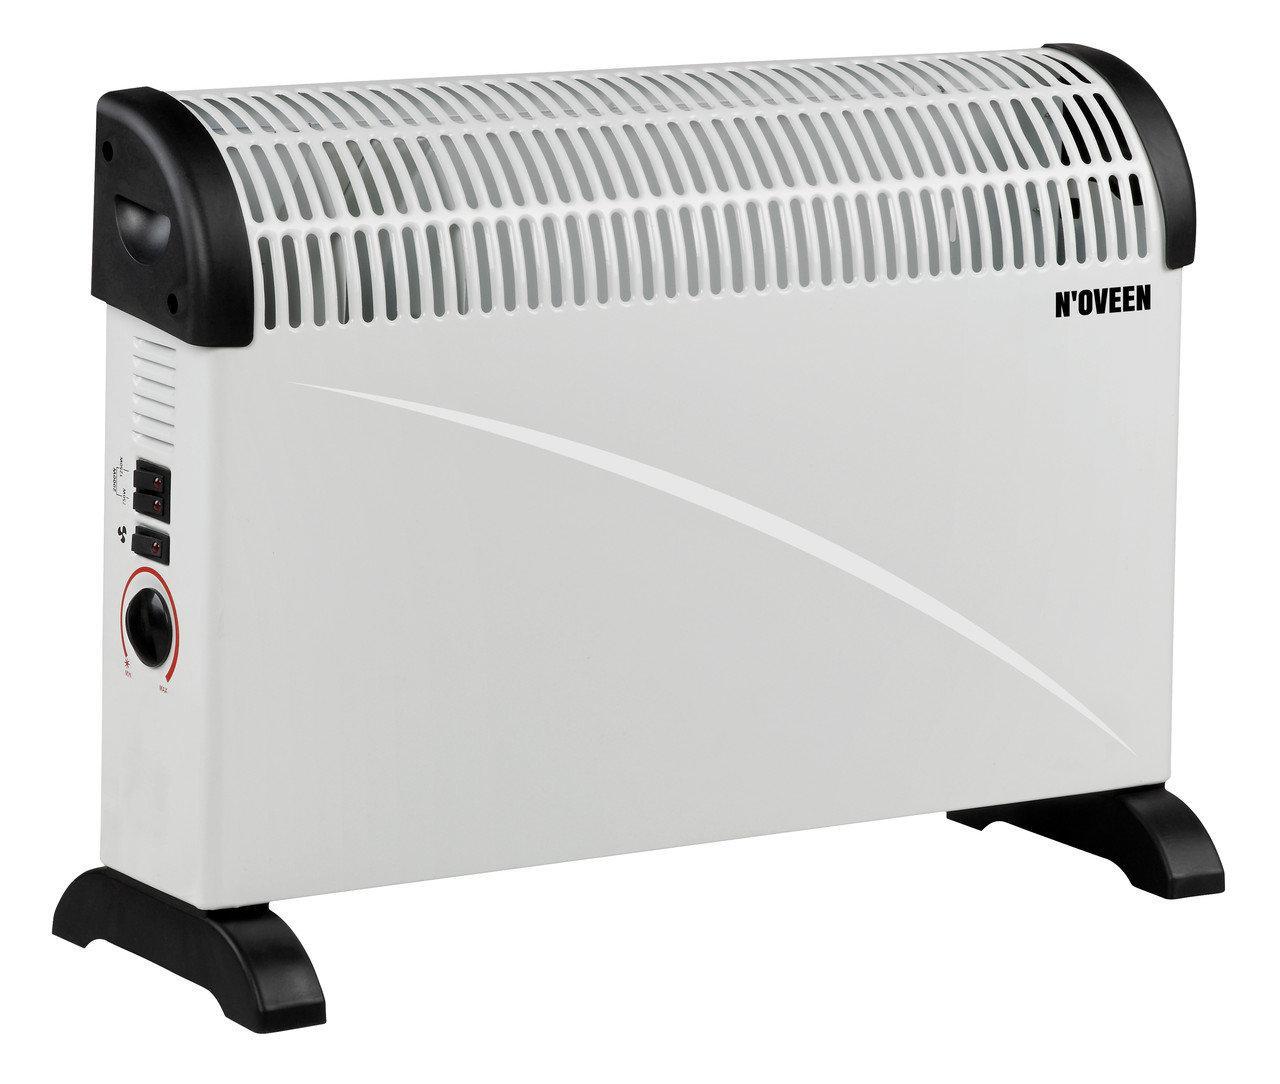 Конвекторный обогреватель N'oveen CH-5000 Польша